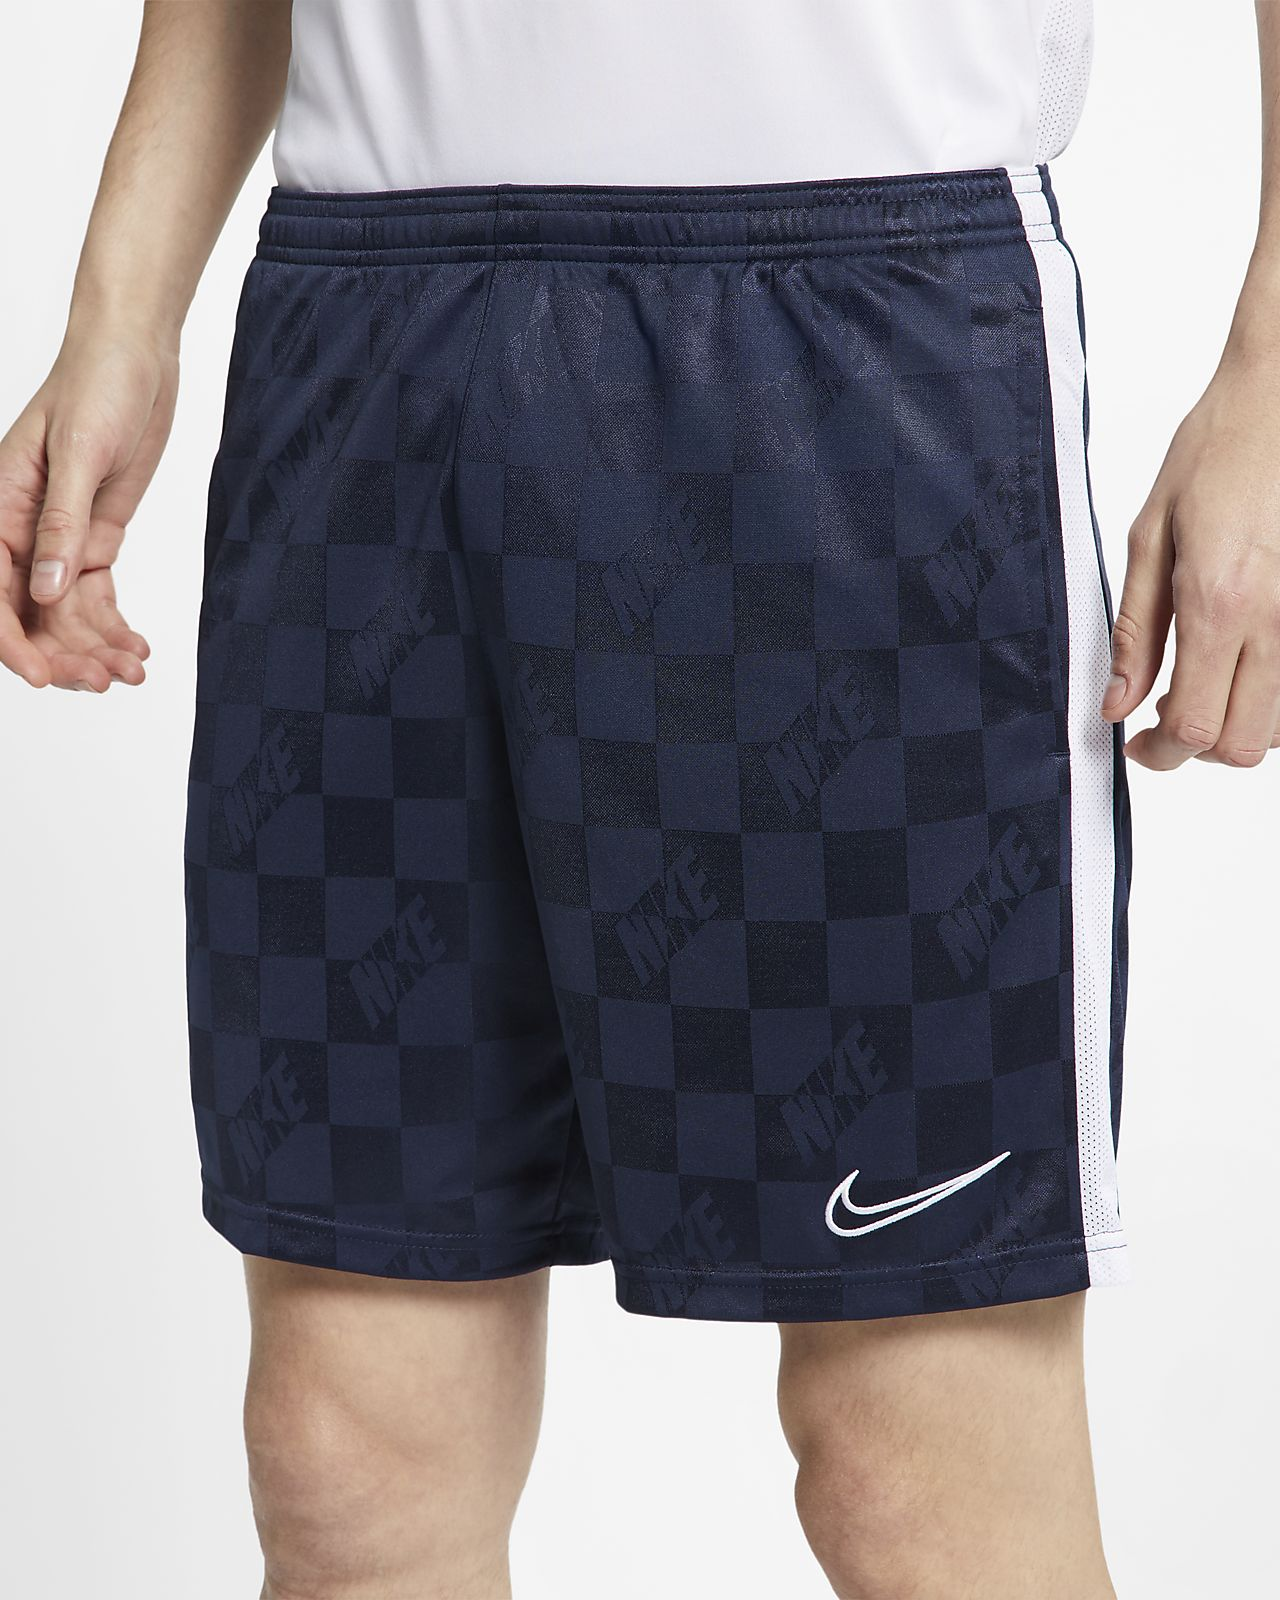 Nike Breathe Academy-fodboldshorts til mænd